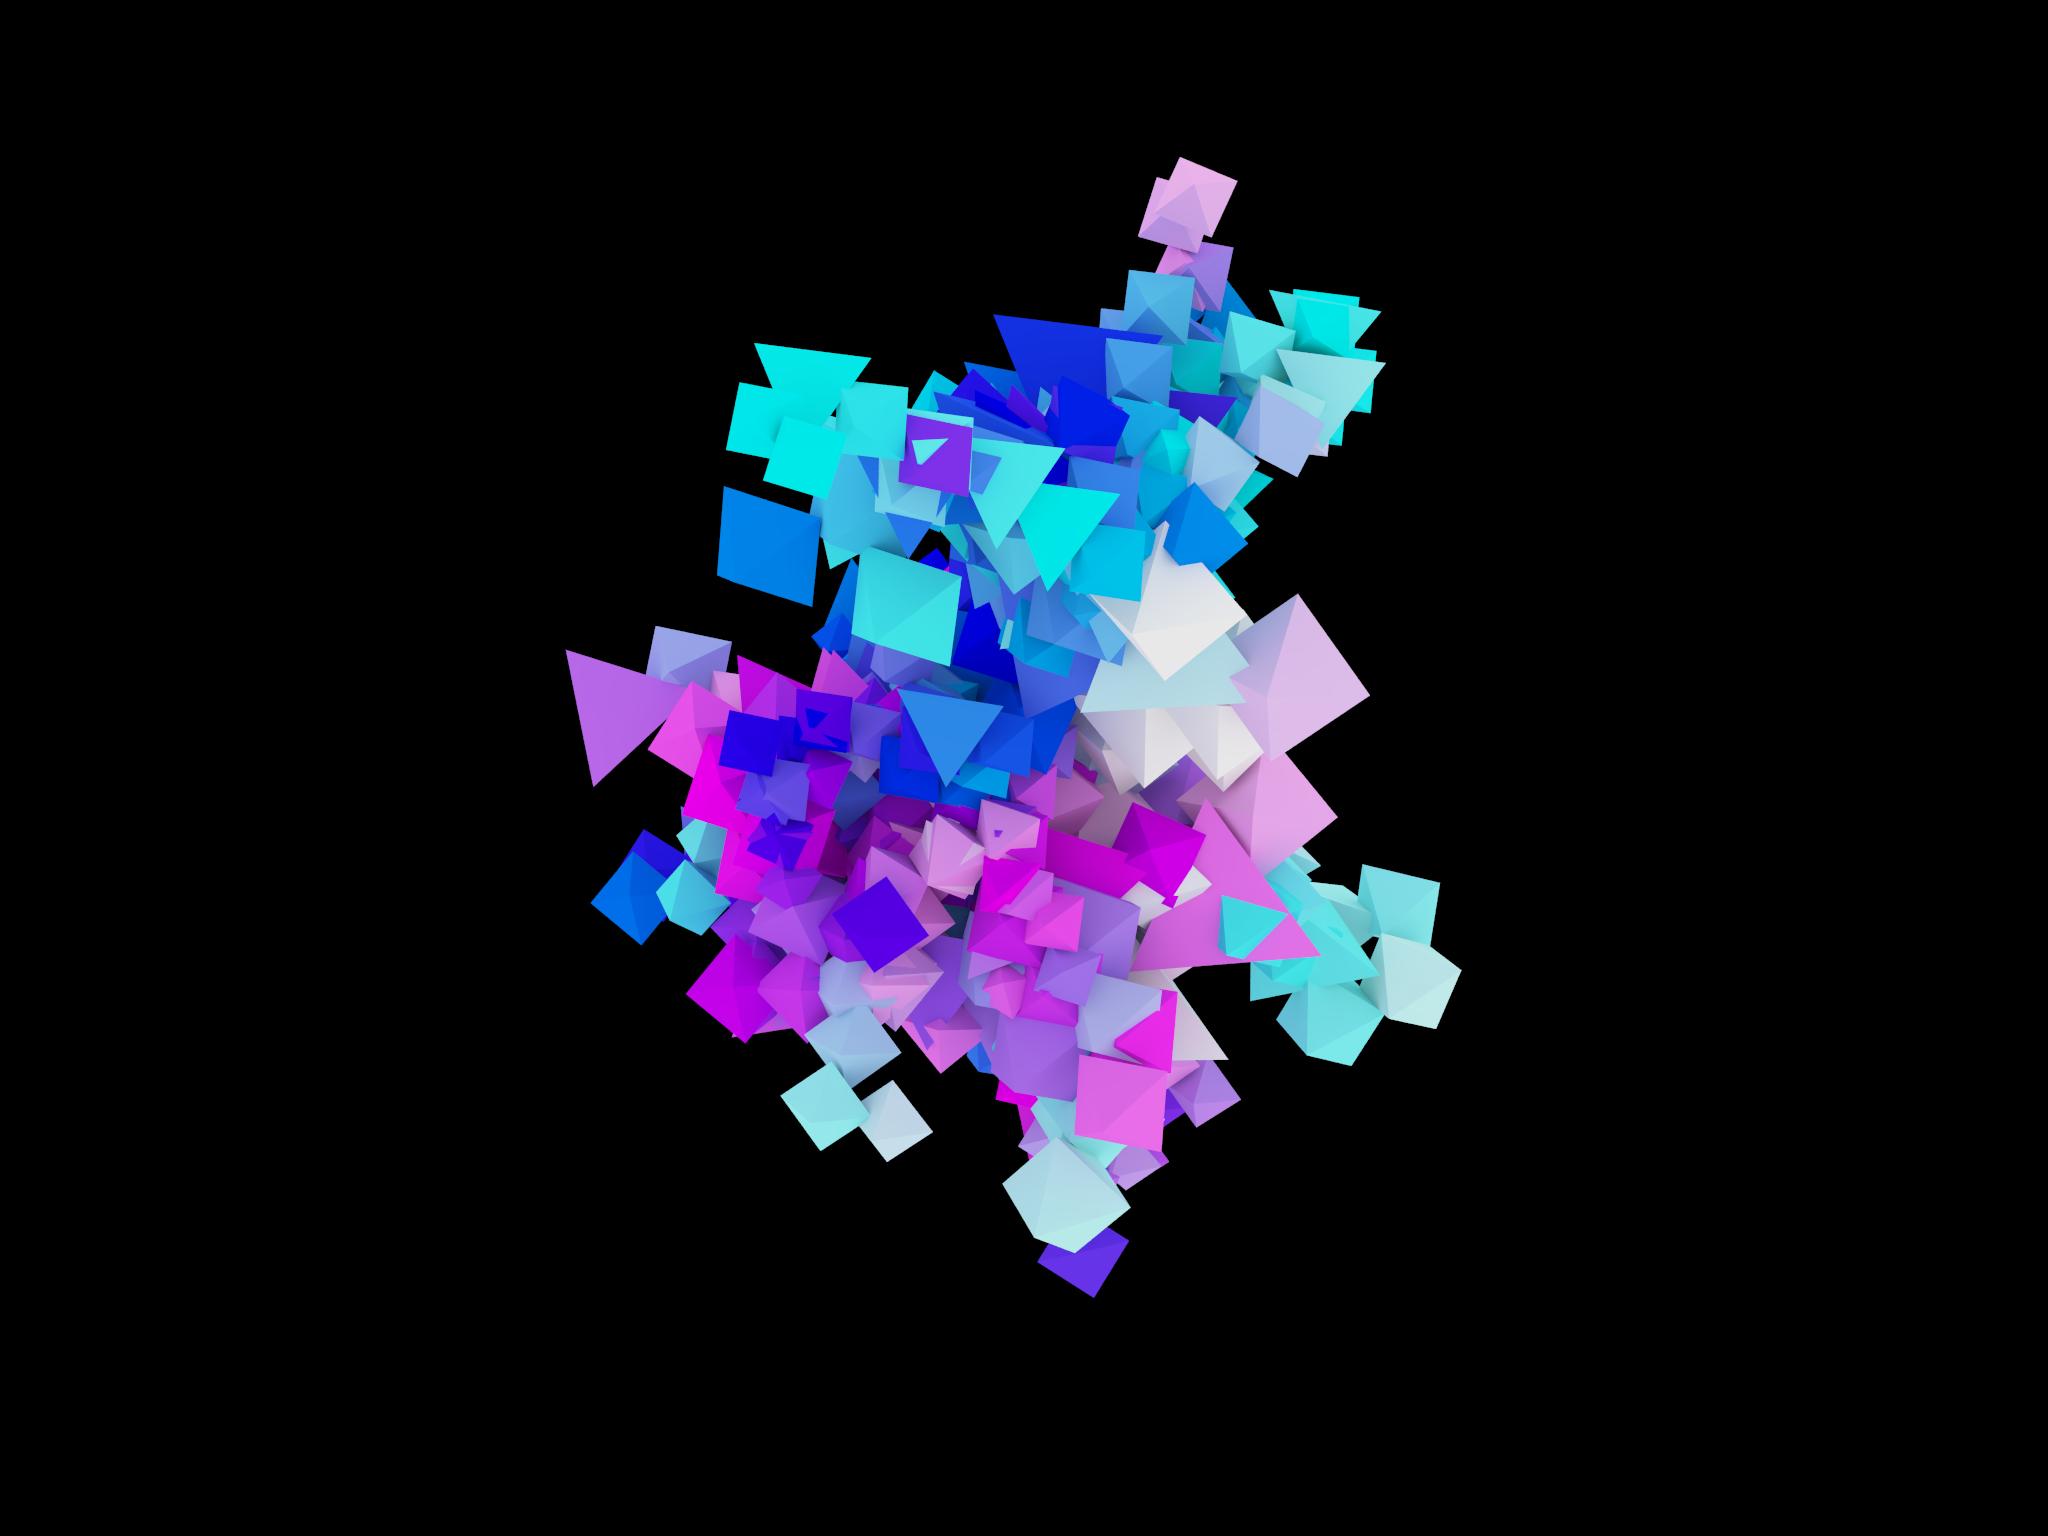 test3_render 2.png